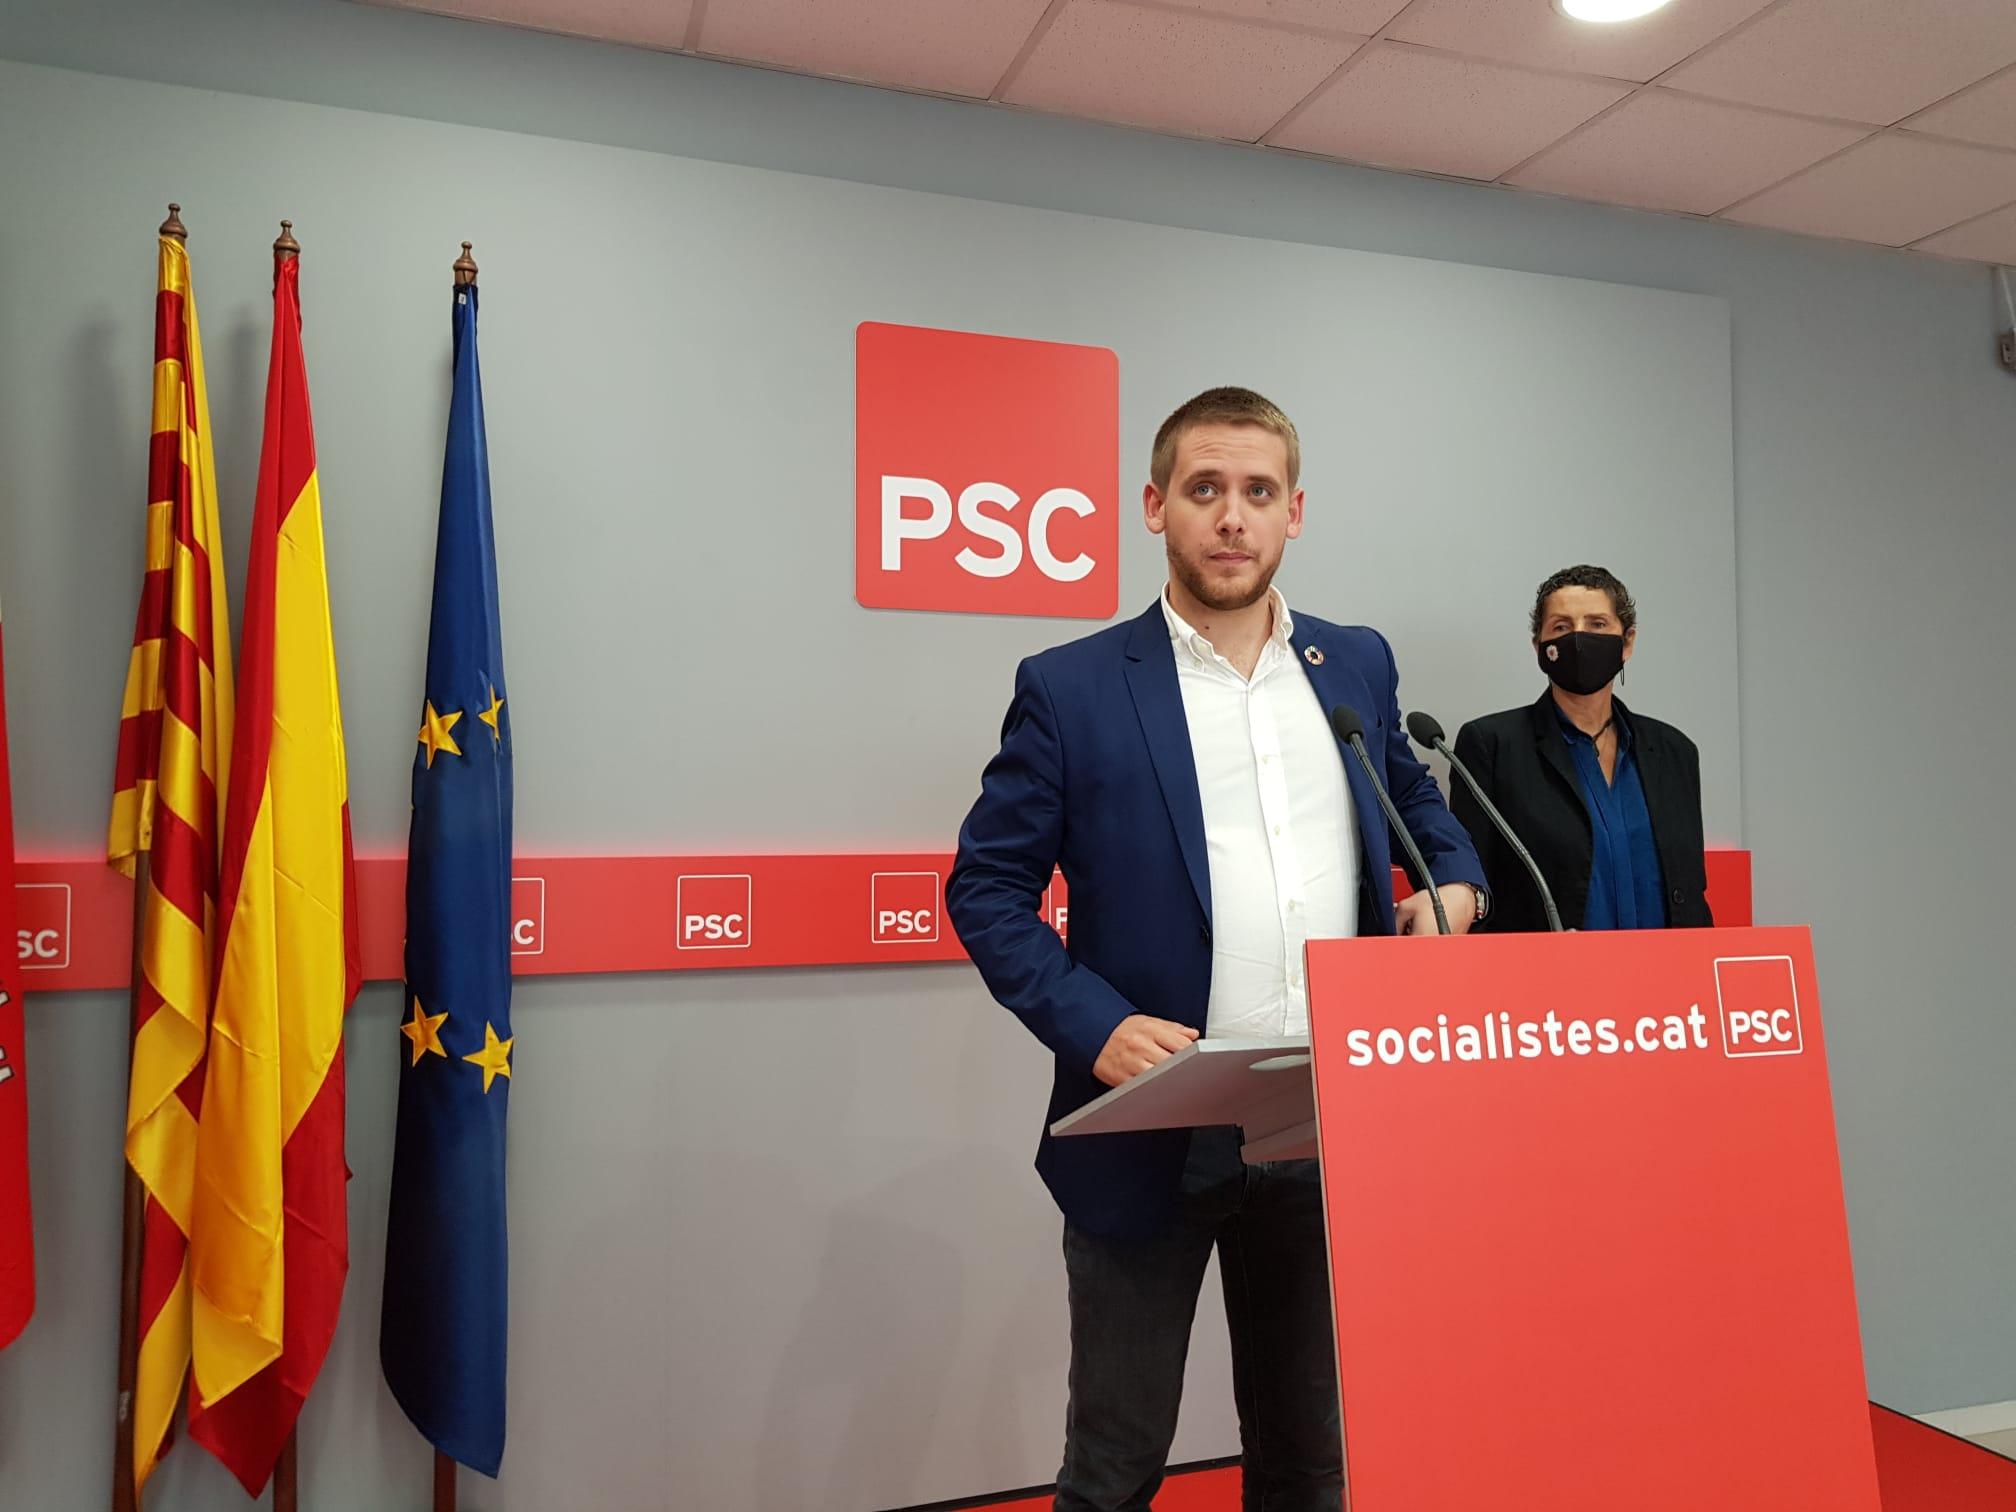 Els regidors socialistes Javi García i Josefina Merino a la seu del PSC | Lluïsa Tarrida